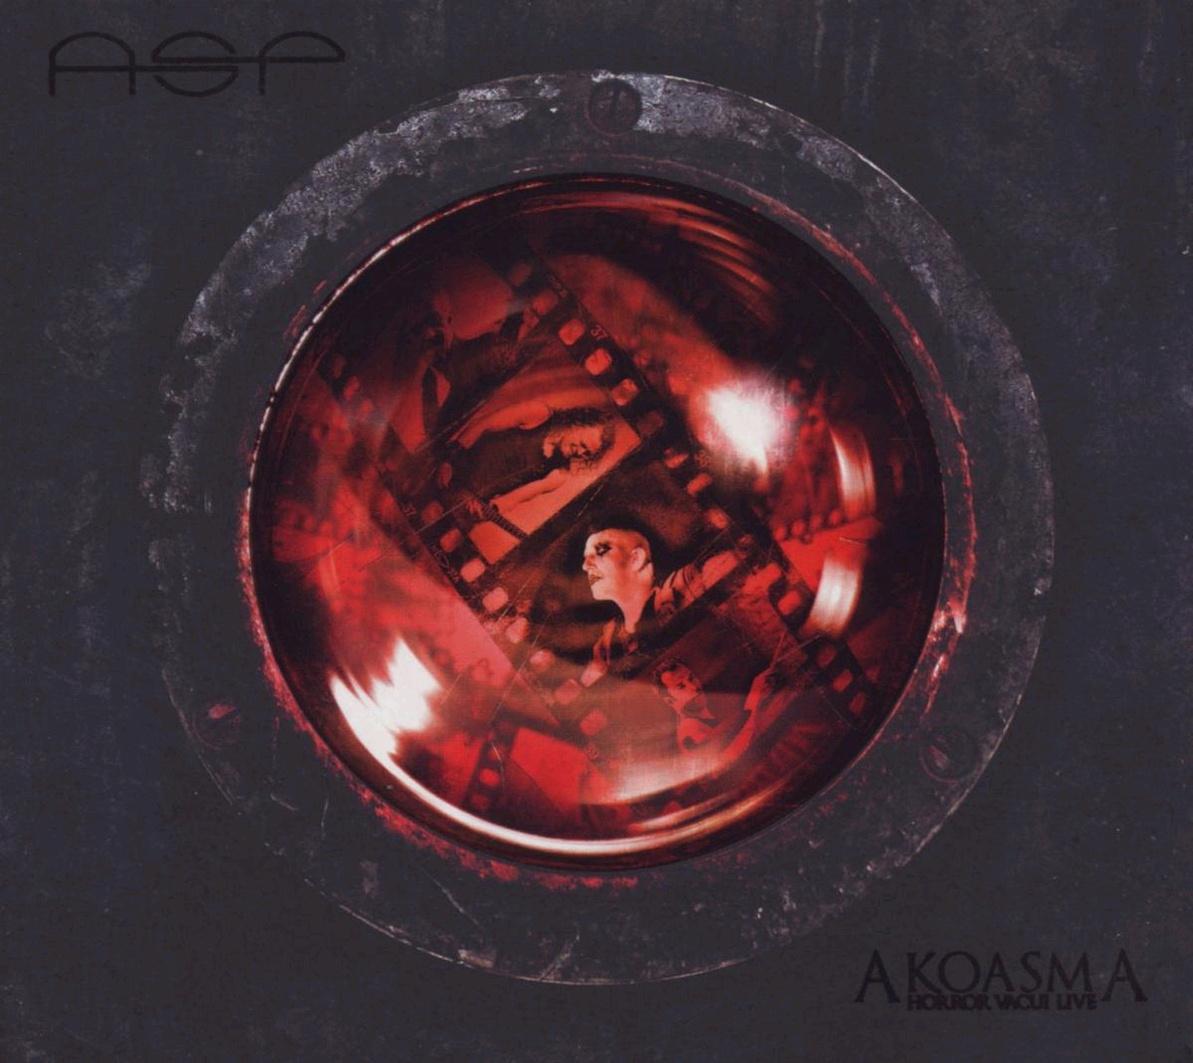 Asp - Akoasma-Horror Vacui Live